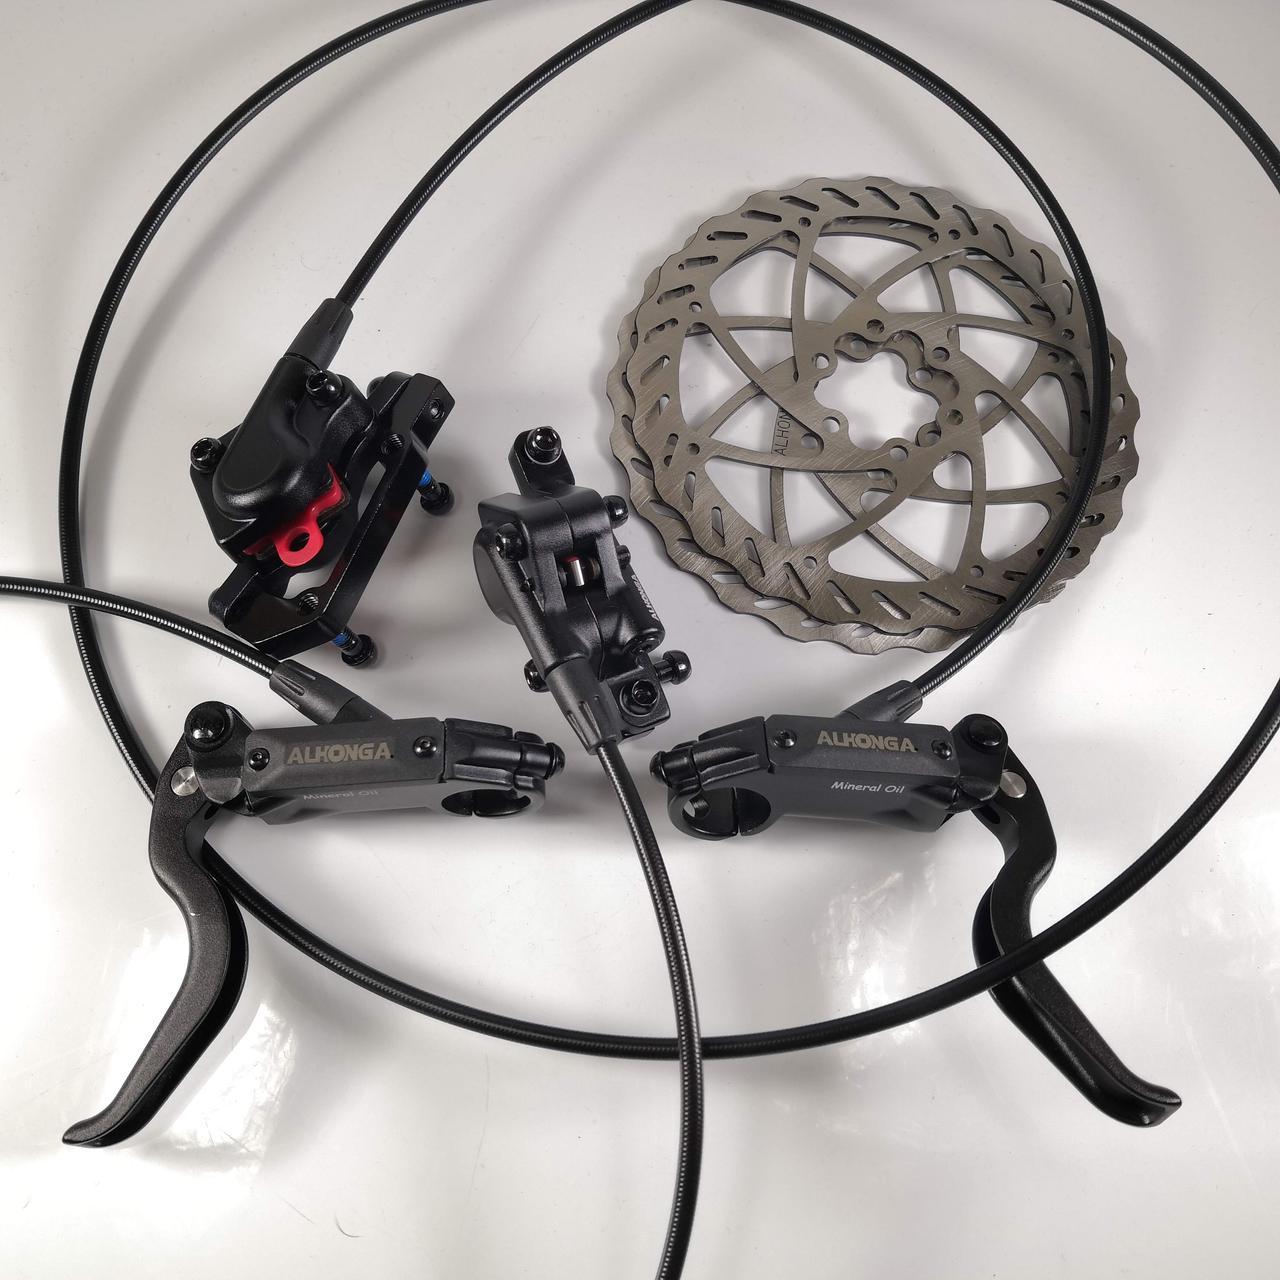 Тормоза гидравлические дисковые ALHONGA 160мм для велосипеда